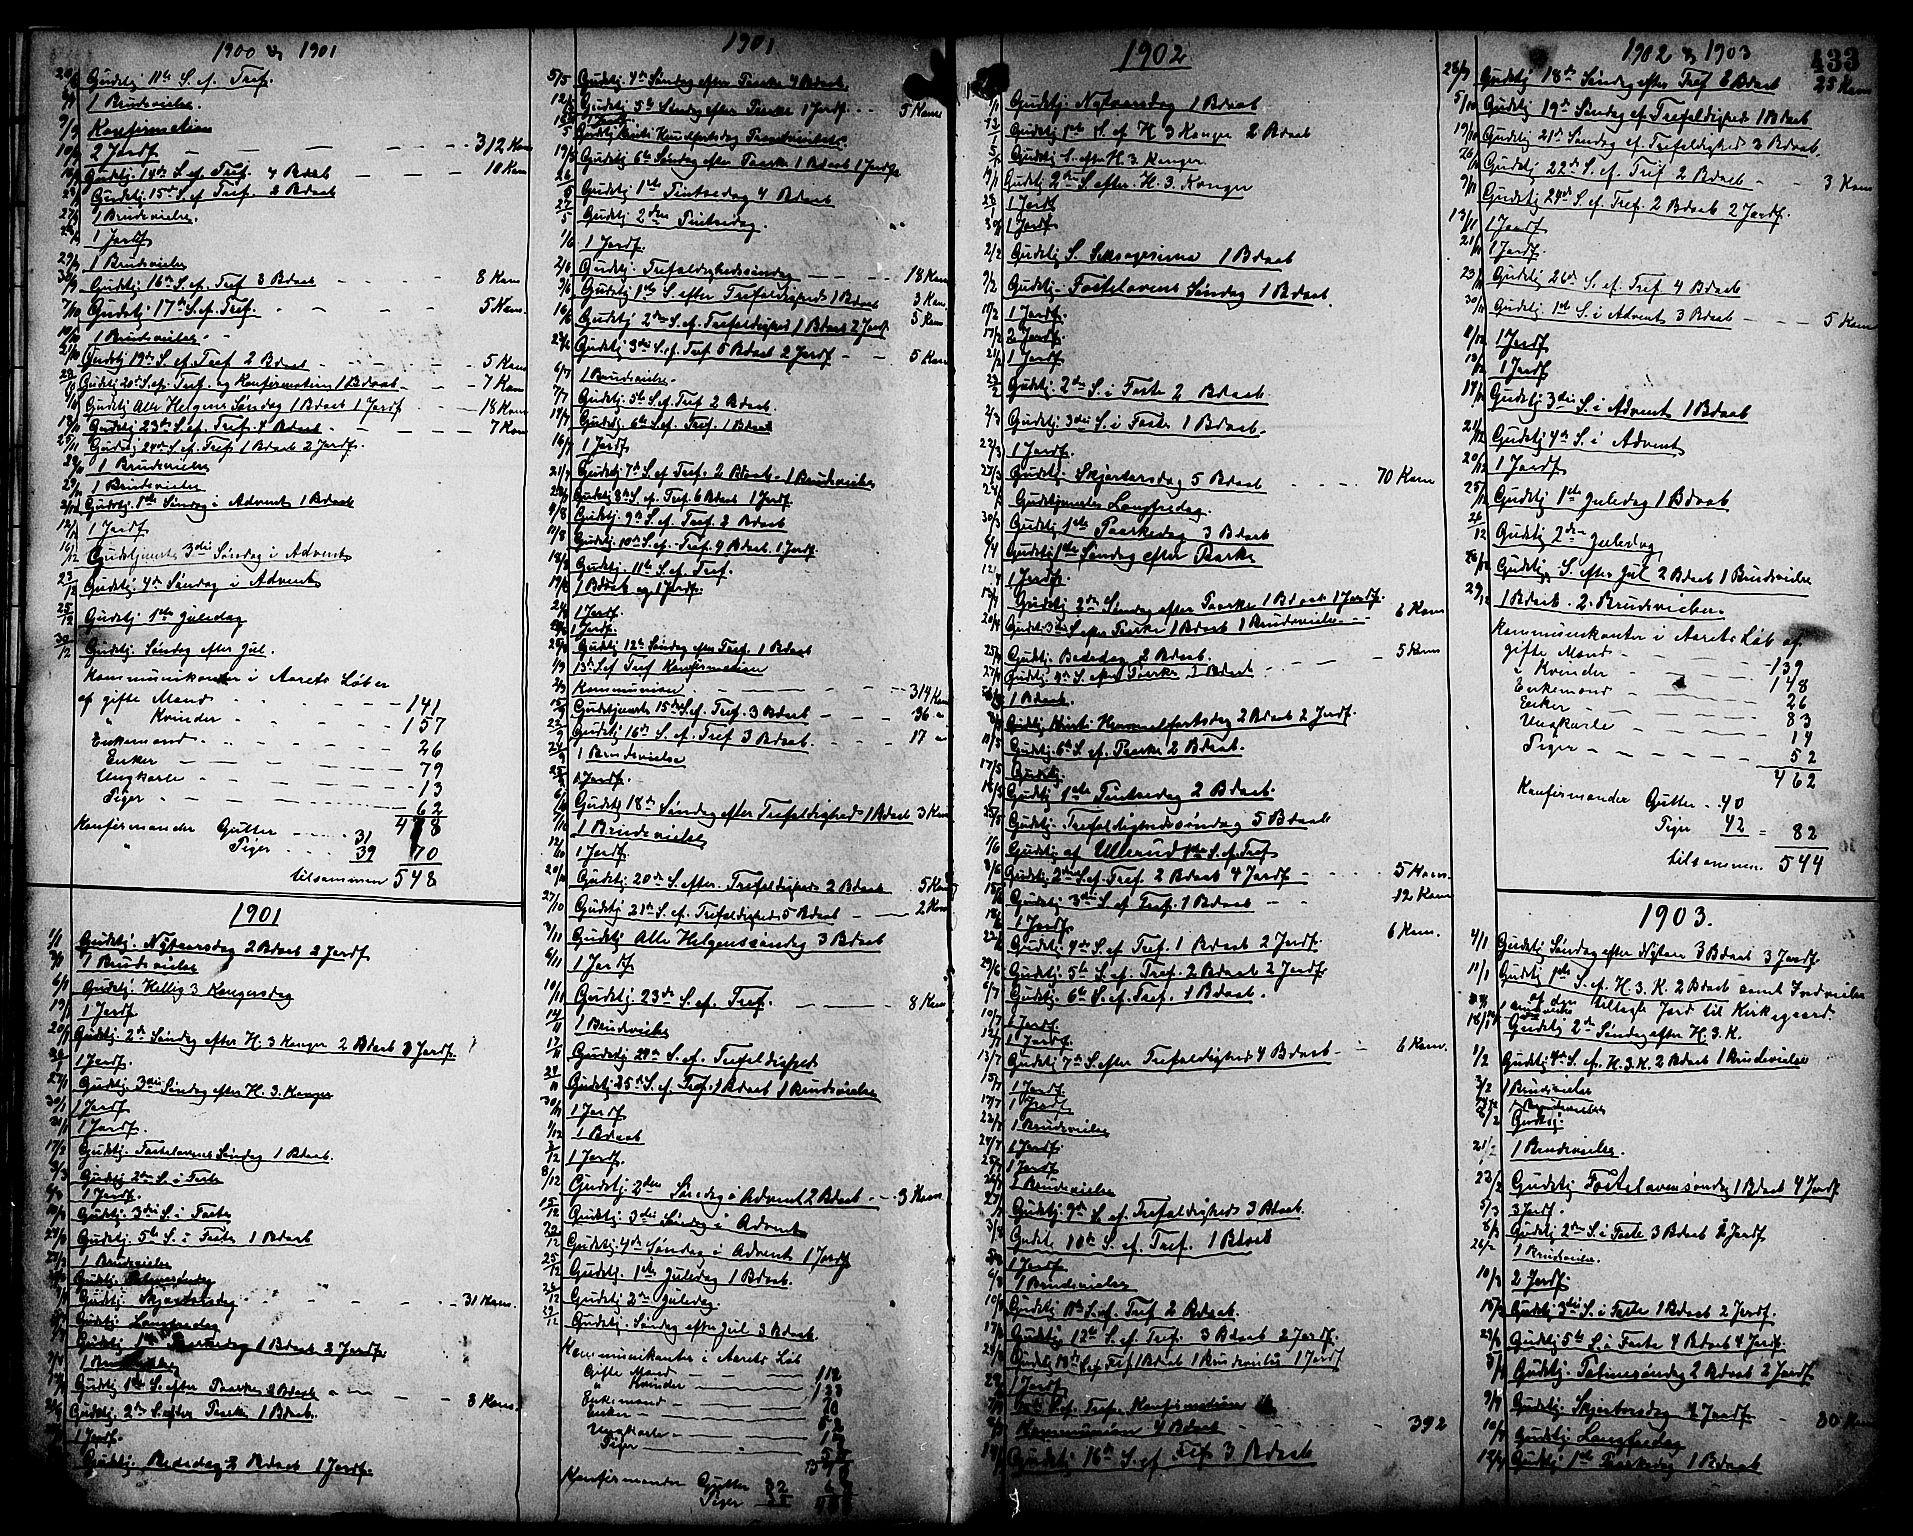 SAT, Ministerialprotokoller, klokkerbøker og fødselsregistre - Sør-Trøndelag, 659/L0746: Klokkerbok nr. 659C03, 1893-1912, s. 433